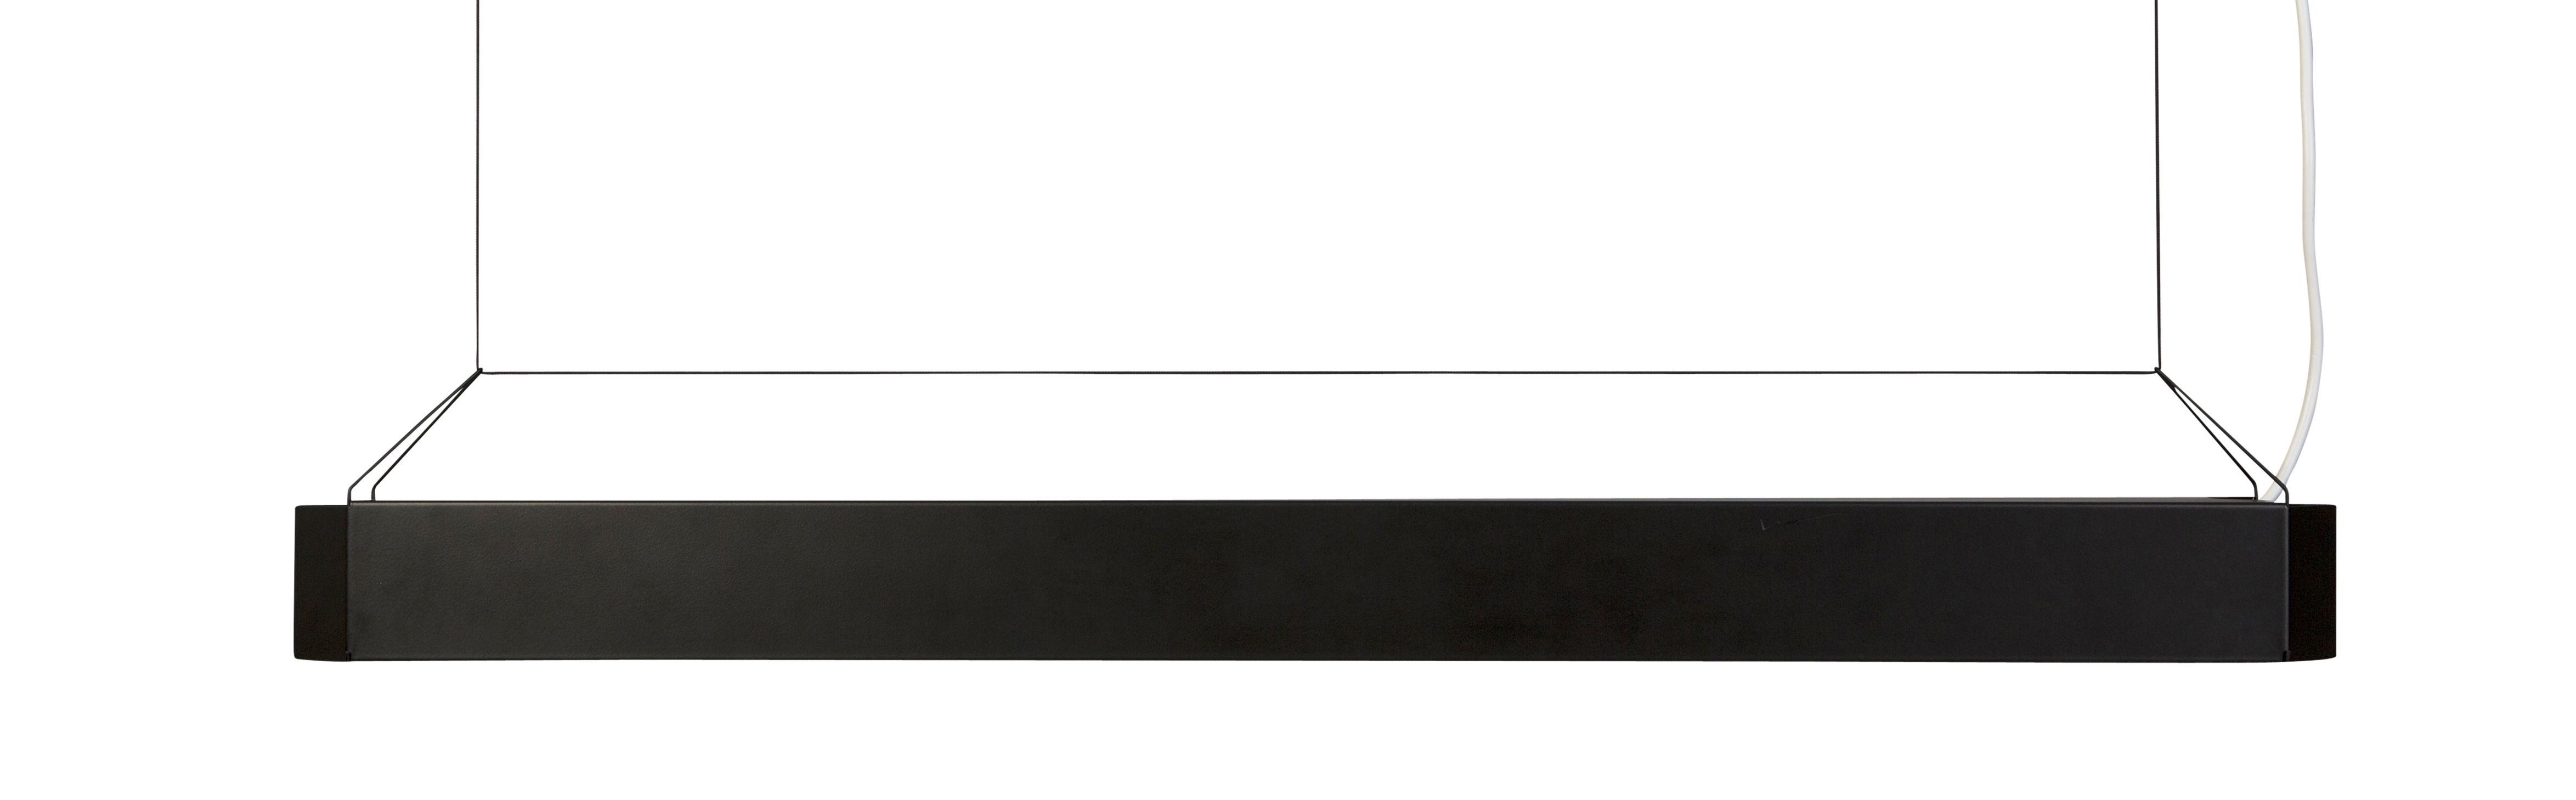 Lighting - Pendant Lighting - Pen lamp Pendant - LED - L 101 cm by OK Design pour Sentou Edition - Black - Epoxy lacquered metal